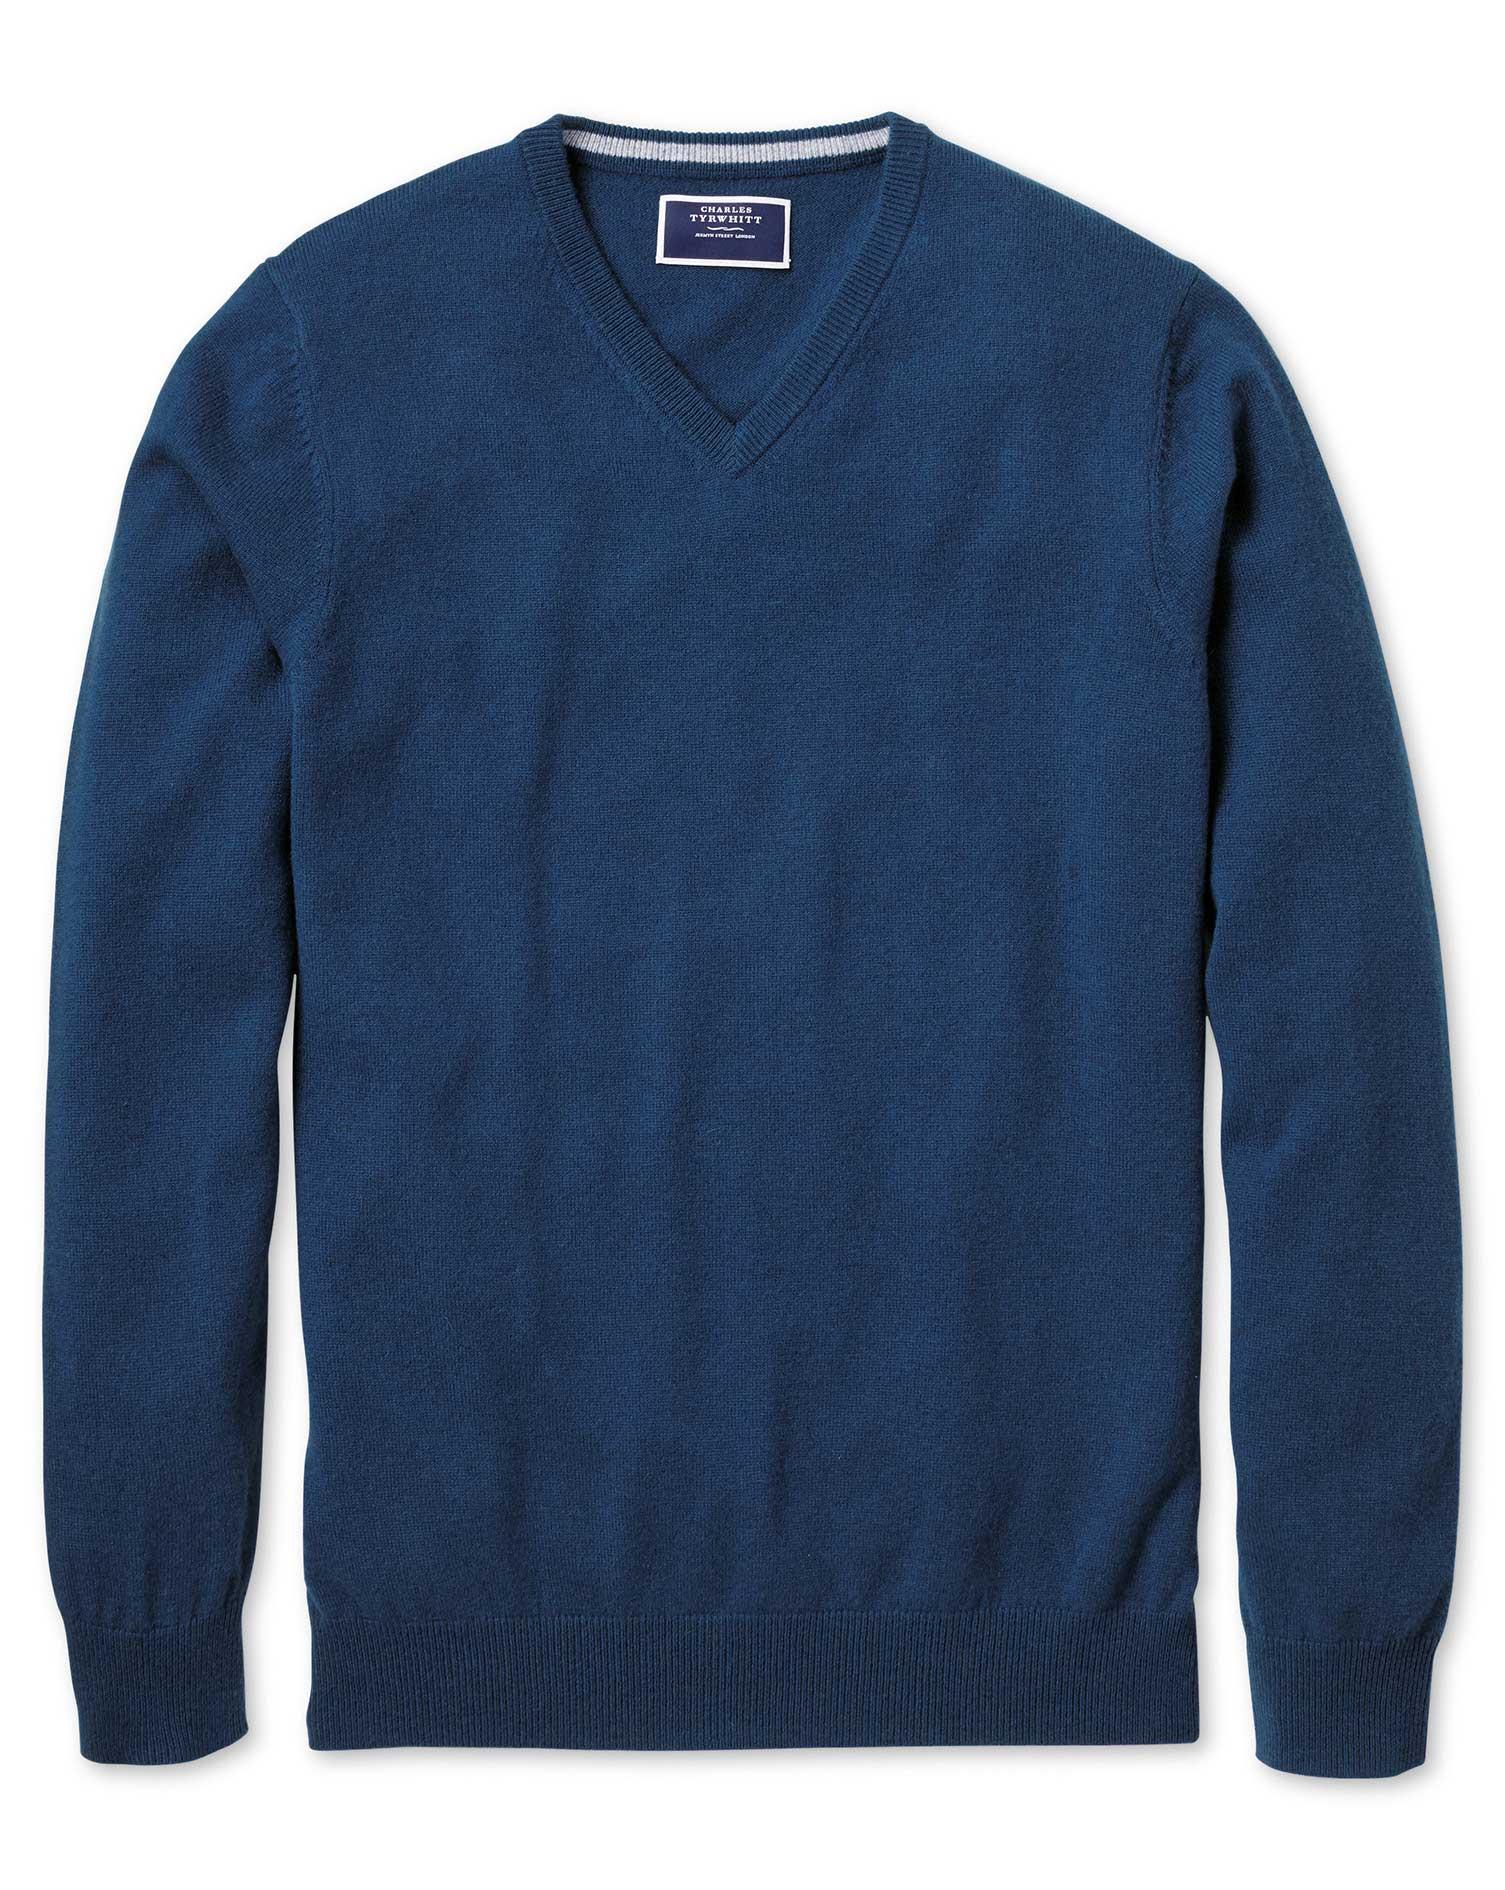 Blue V-Neck Cashmere Jumper Size Large by Charles Tyrwhitt